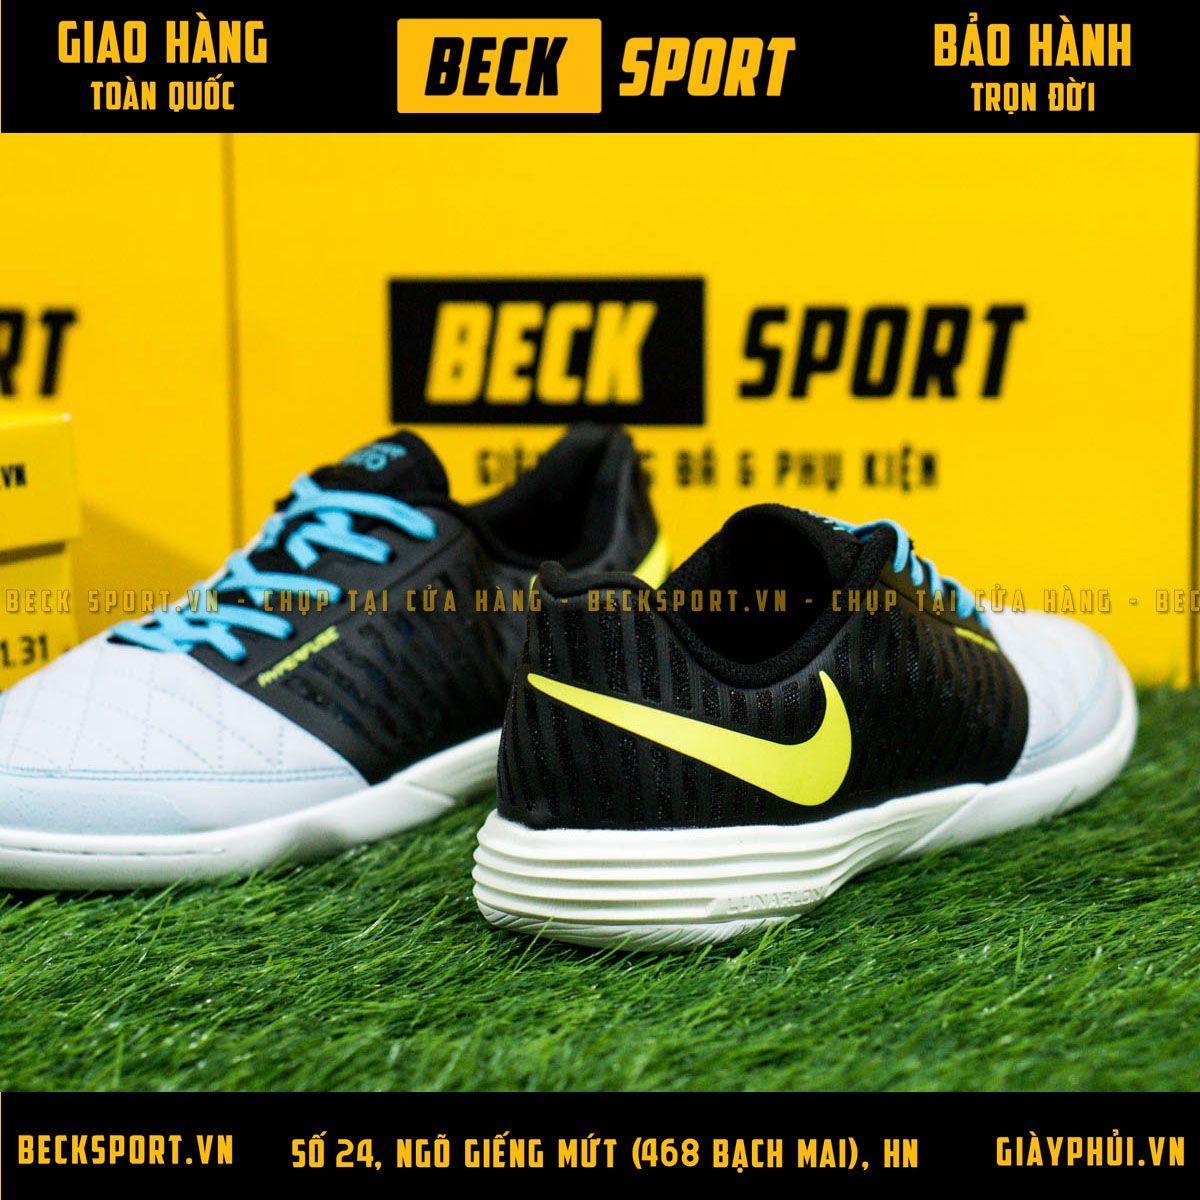 Giày Bóng Đá Nike Lunar Gato Xám Vạch Chuối Gót Đen IC